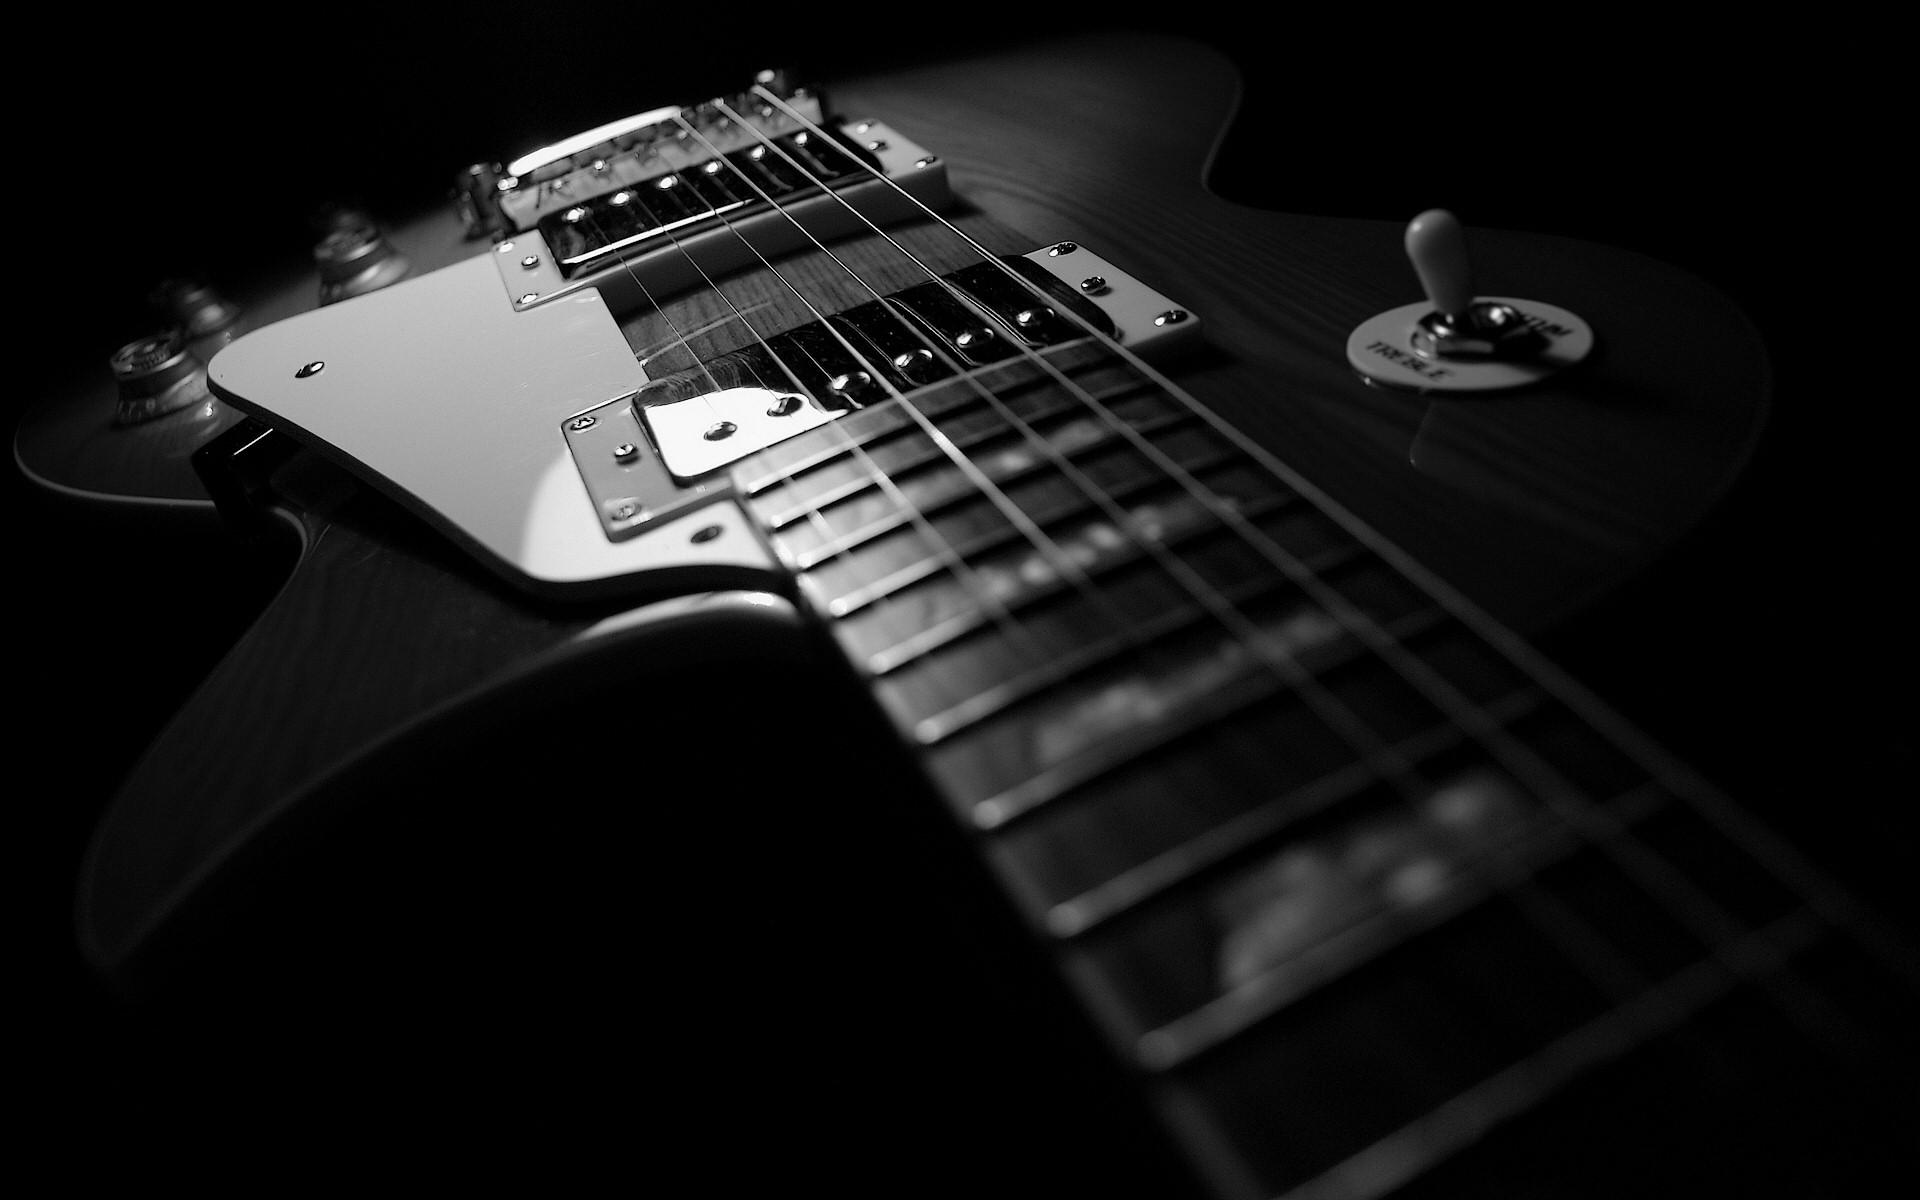 9483 Hintergrundbild herunterladen Musik, Fotokunst, Werkzeuge, Gitarren, Objekte - Bildschirmschoner und Bilder kostenlos